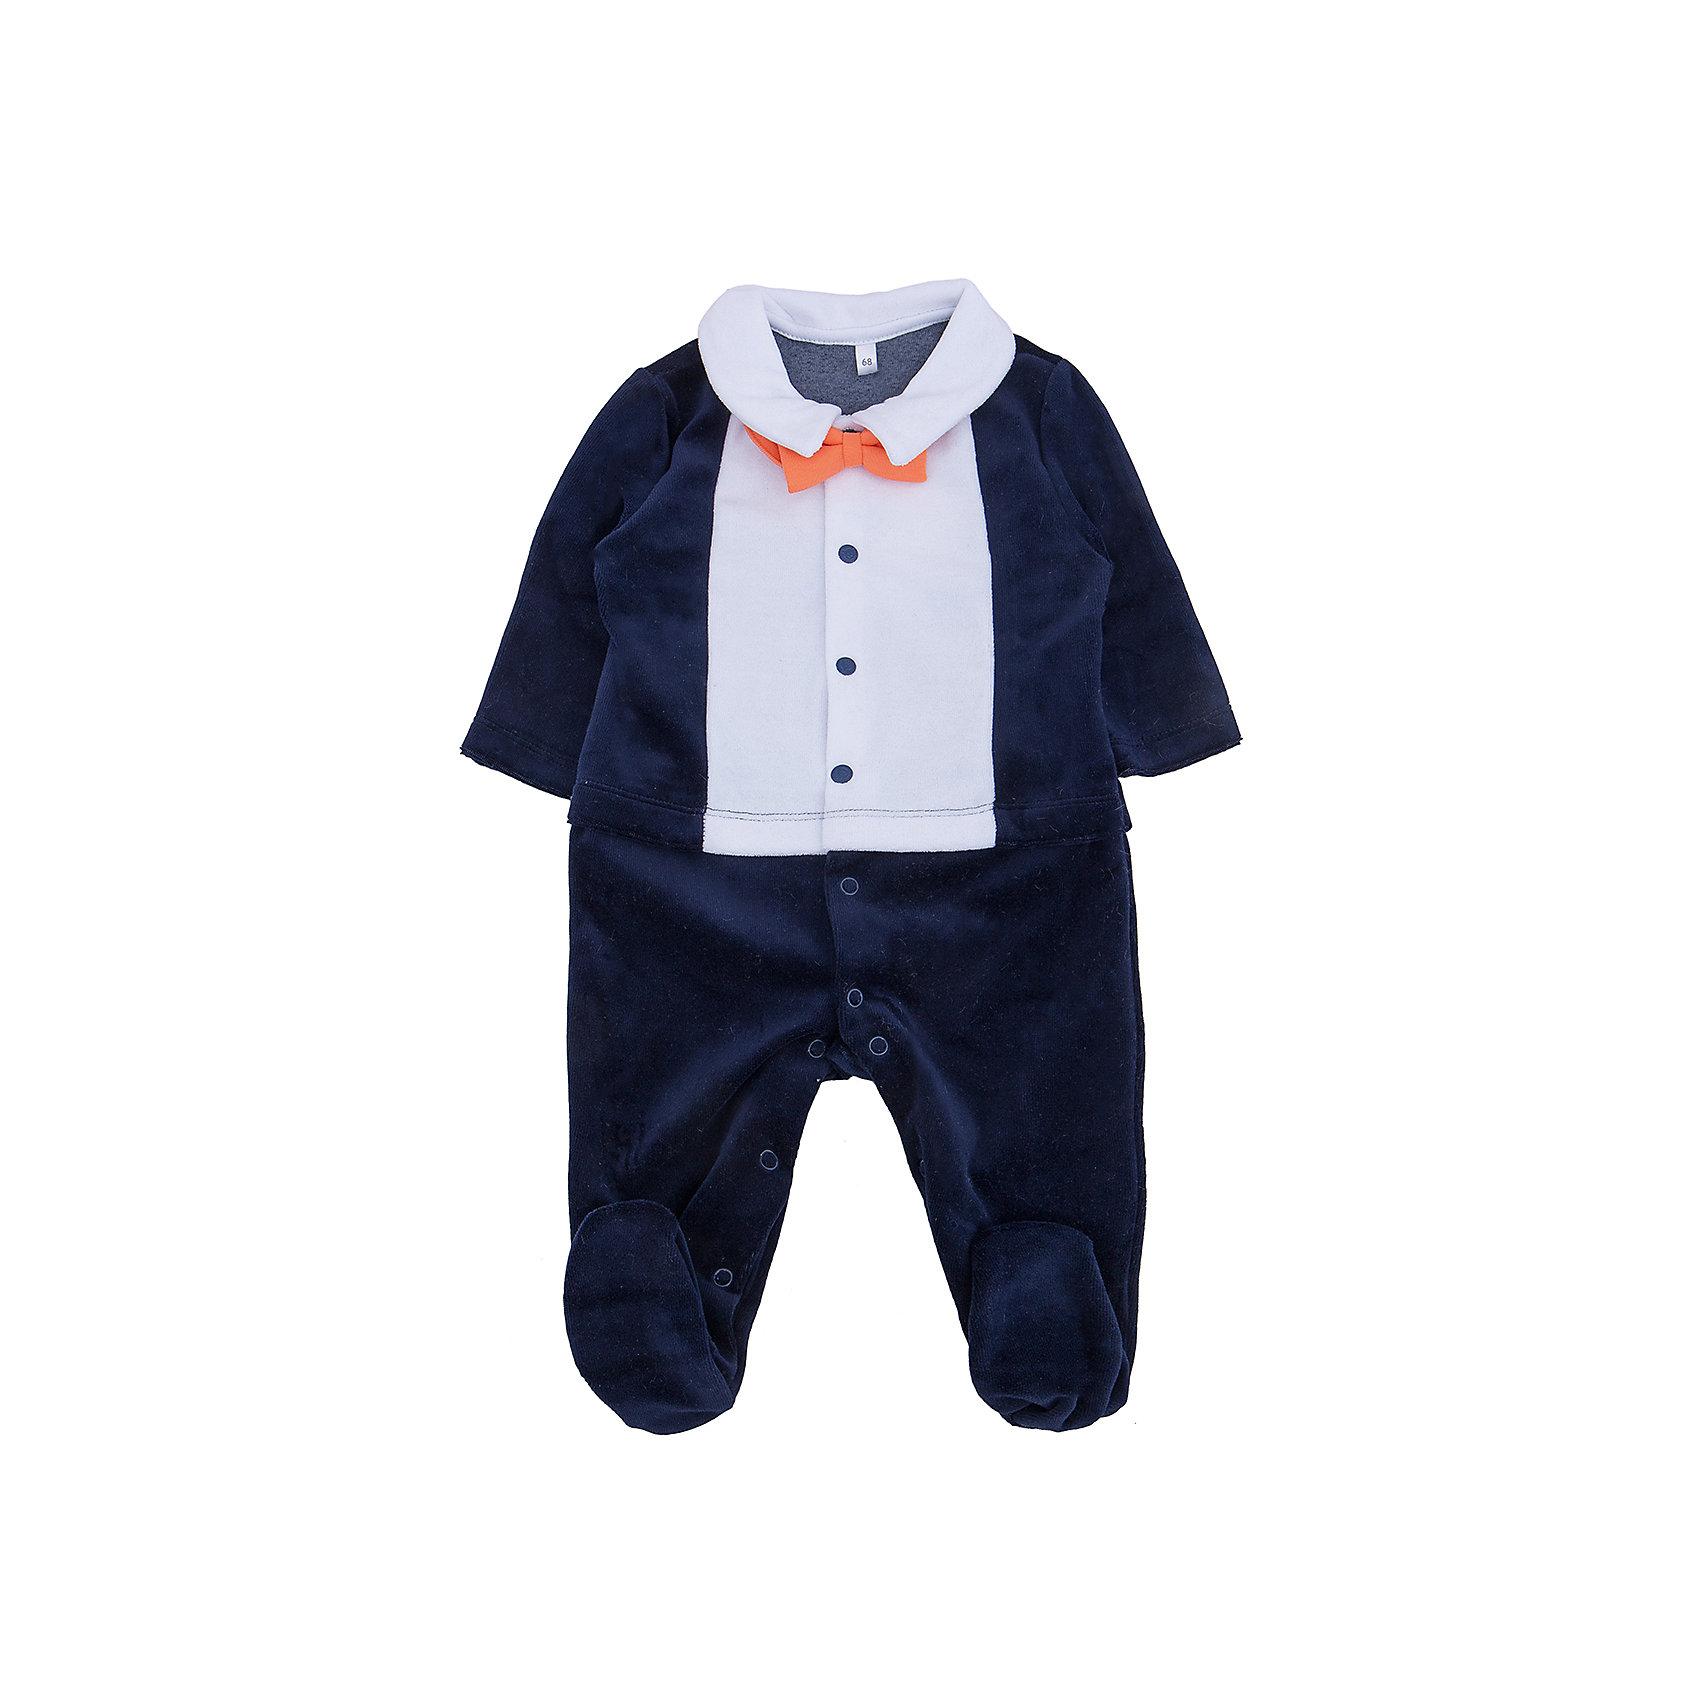 Комбинезон для мальчика Soni KidsКомбинезоны<br>Характеристики товара:<br><br>• цвет: белый<br>• материал: 80% хлопок, 20% полиэстер<br>• декорирован бабочкой<br>• застежки: кнопки<br>• мягкие швы<br>• страна бренда: РФ<br>• страна изготовитель: РФ<br><br>К одежде для малышей предъявляются особые требования: она должна быть тщательно проработана, удобна и безопасна. Продукция известного российского бренда Soni Kids всегда учитывает эти особенности при разработке моделей детской одежды, поэтому её товары так популярны среди российских потребителей.<br>Этот комбинезон сшит из материала с добавлением натурального хлопка, который не вызывает аллергии и позволяет коже малышей дышать. Застежки и швы тщательно обработаны, что обеспечивает ребенку необходимый комфорт. Модель сшита из качественных и проверенных материалов, которые безопасны для детей.<br><br>Комбинезон для мальчика от бренда Soni Kids (Сони кидс) можно купить в нашем интернет-магазине.<br><br>Ширина мм: 157<br>Глубина мм: 13<br>Высота мм: 119<br>Вес г: 200<br>Цвет: голубой<br>Возраст от месяцев: 6<br>Возраст до месяцев: 9<br>Пол: Мужской<br>Возраст: Детский<br>Размер: 74,62,68<br>SKU: 5162673